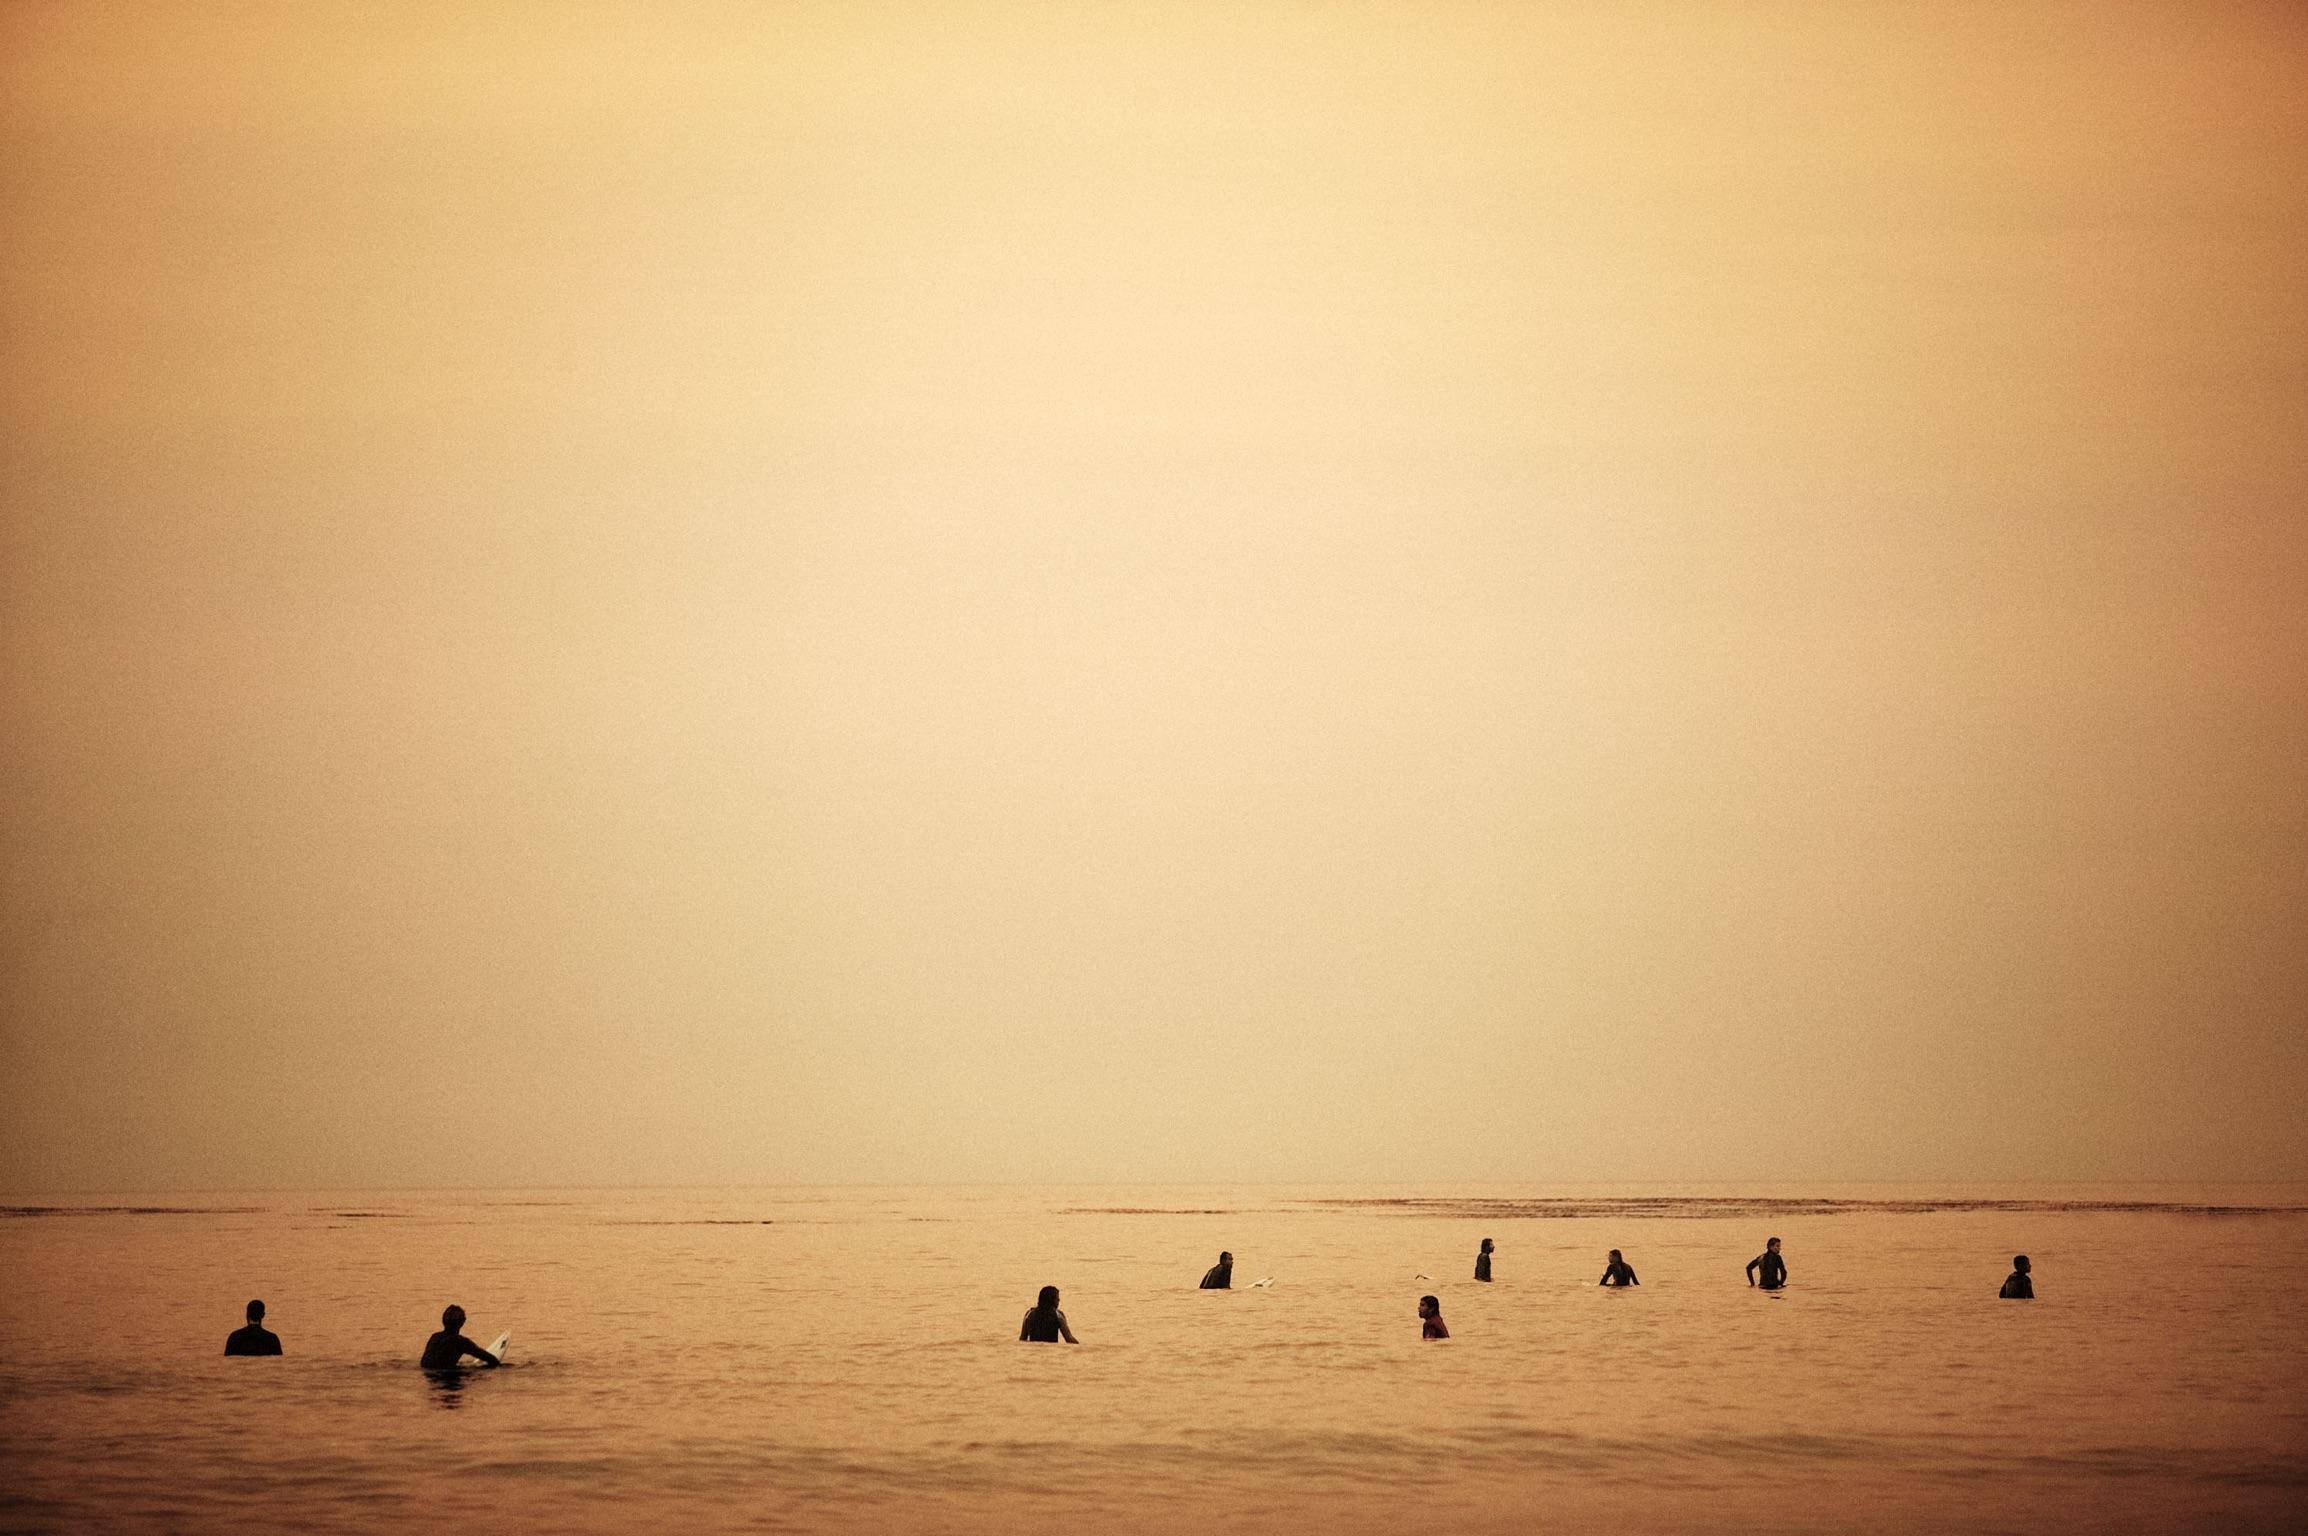 20031028_Surfers_3EFT2183.JPG